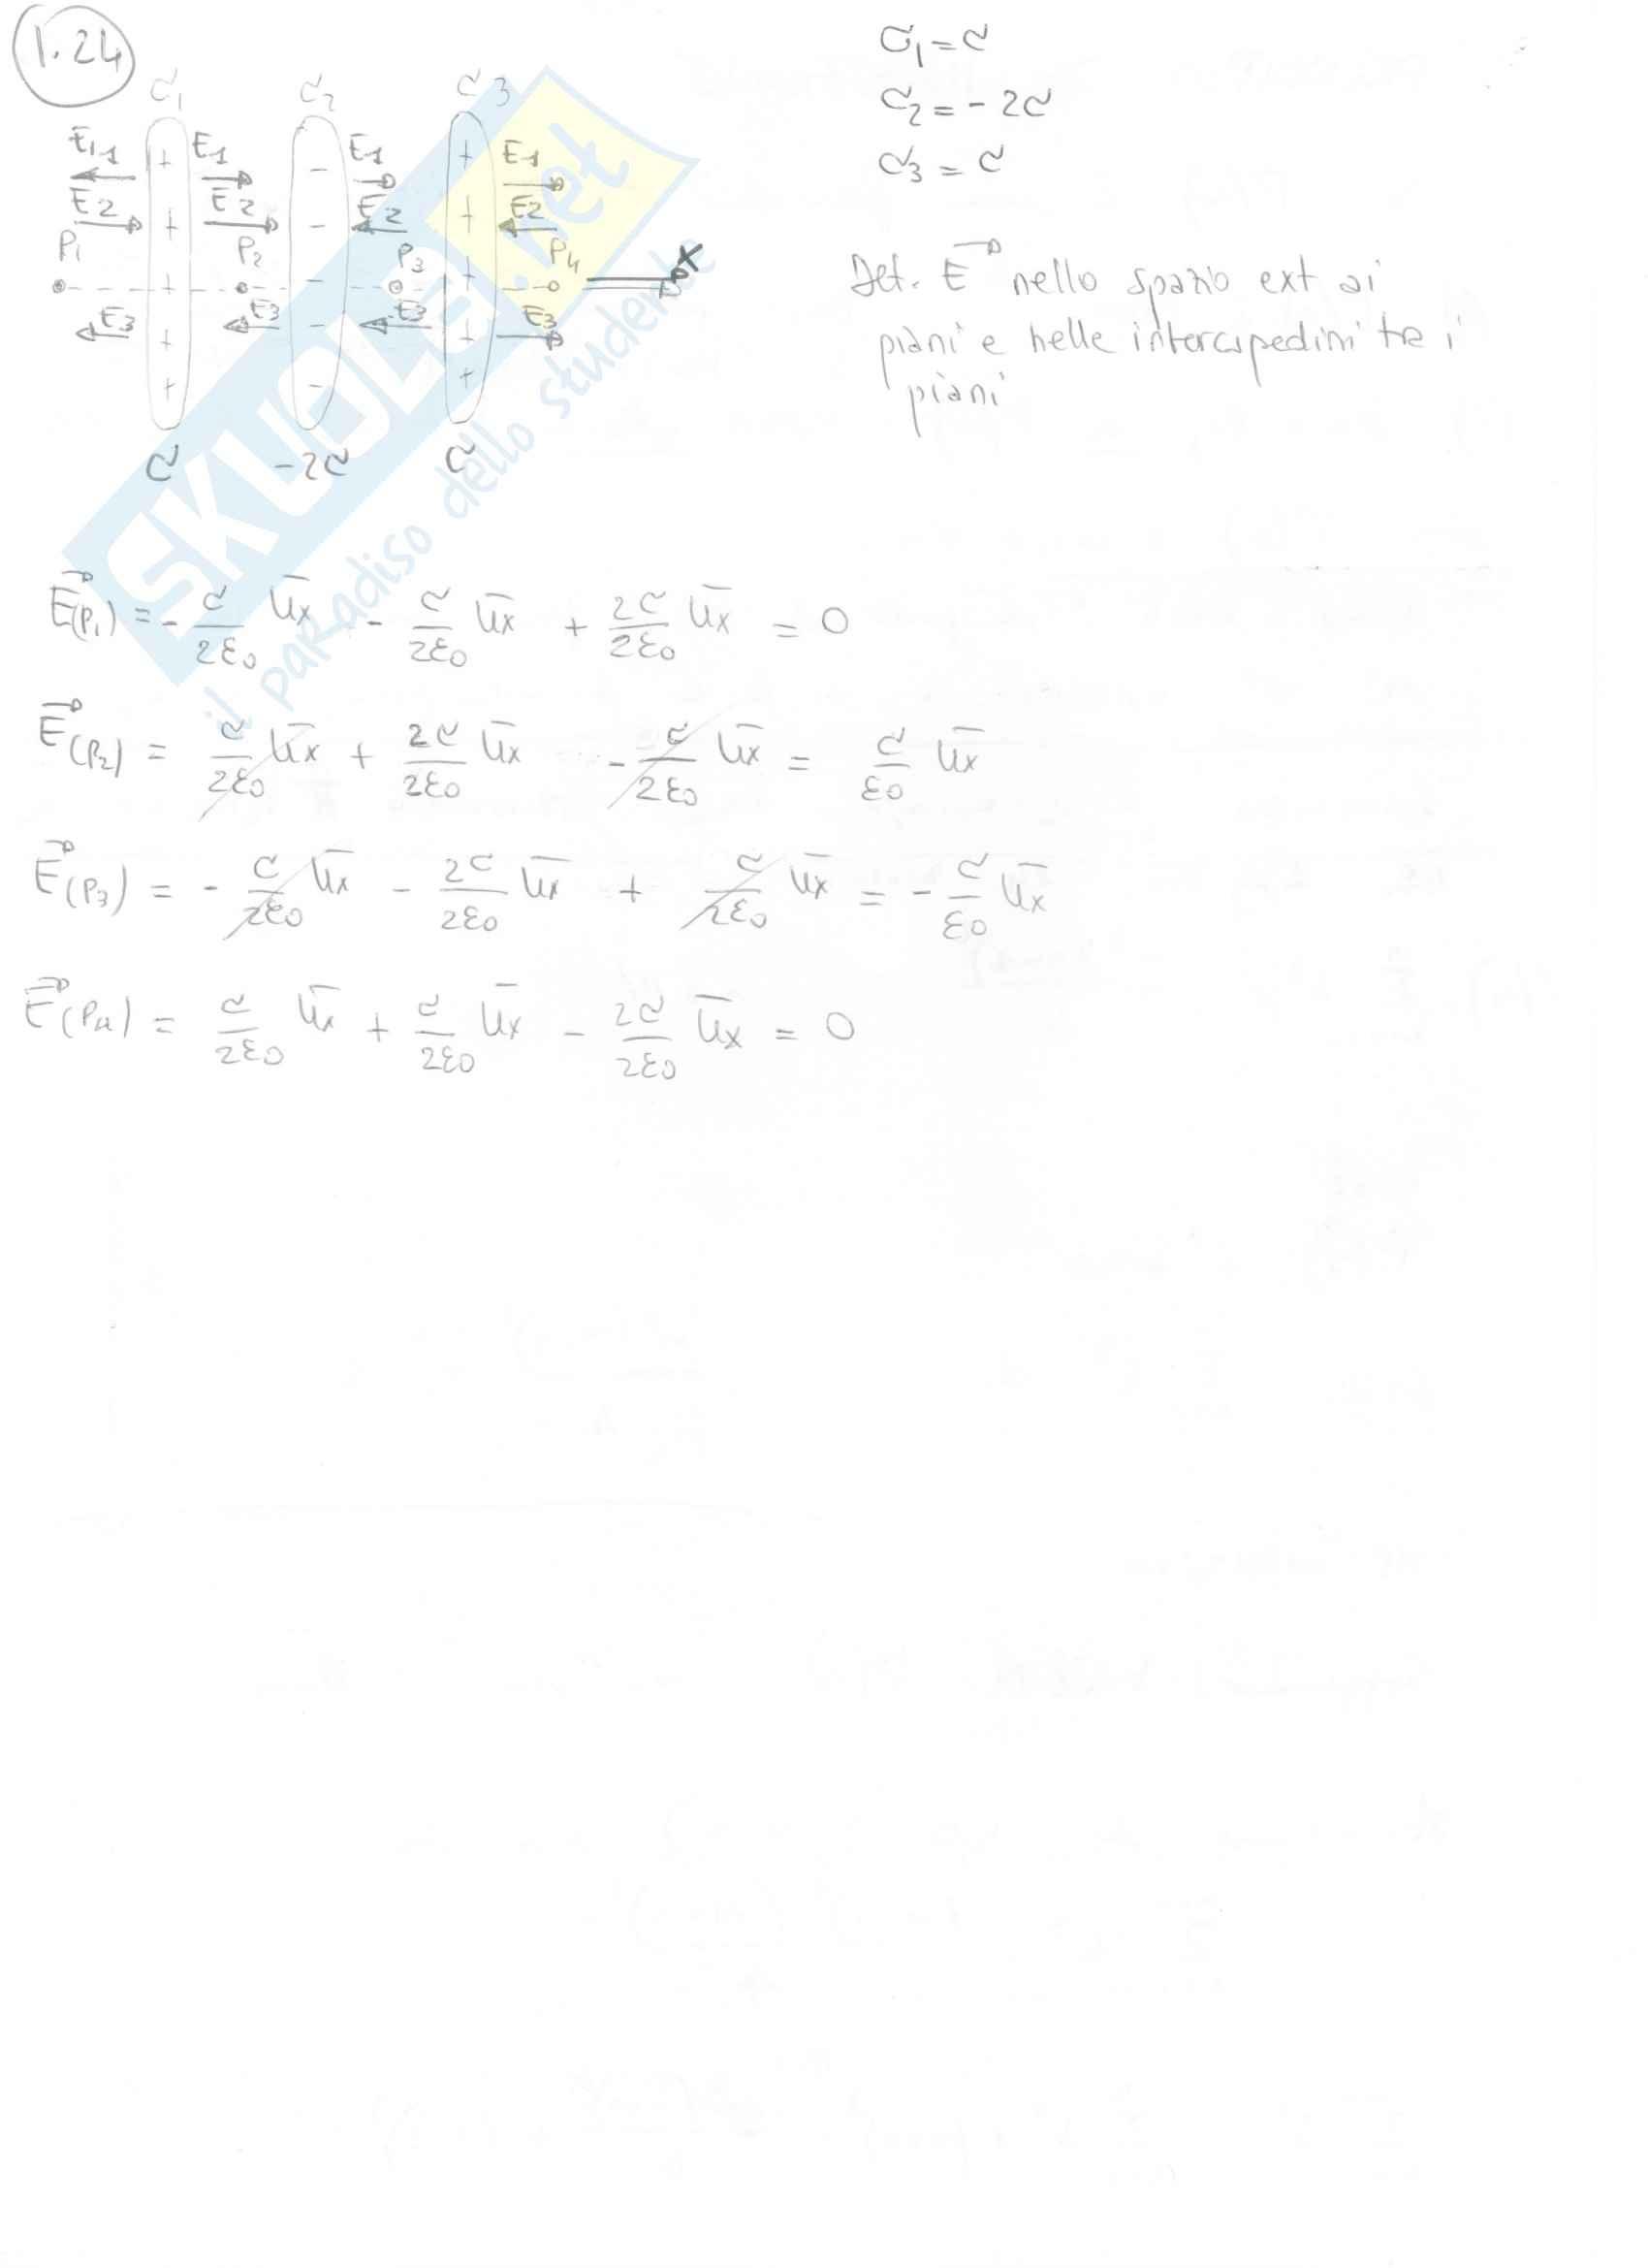 Fisica II - Esercizi svolti capitoli 1 e 2 Pag. 11